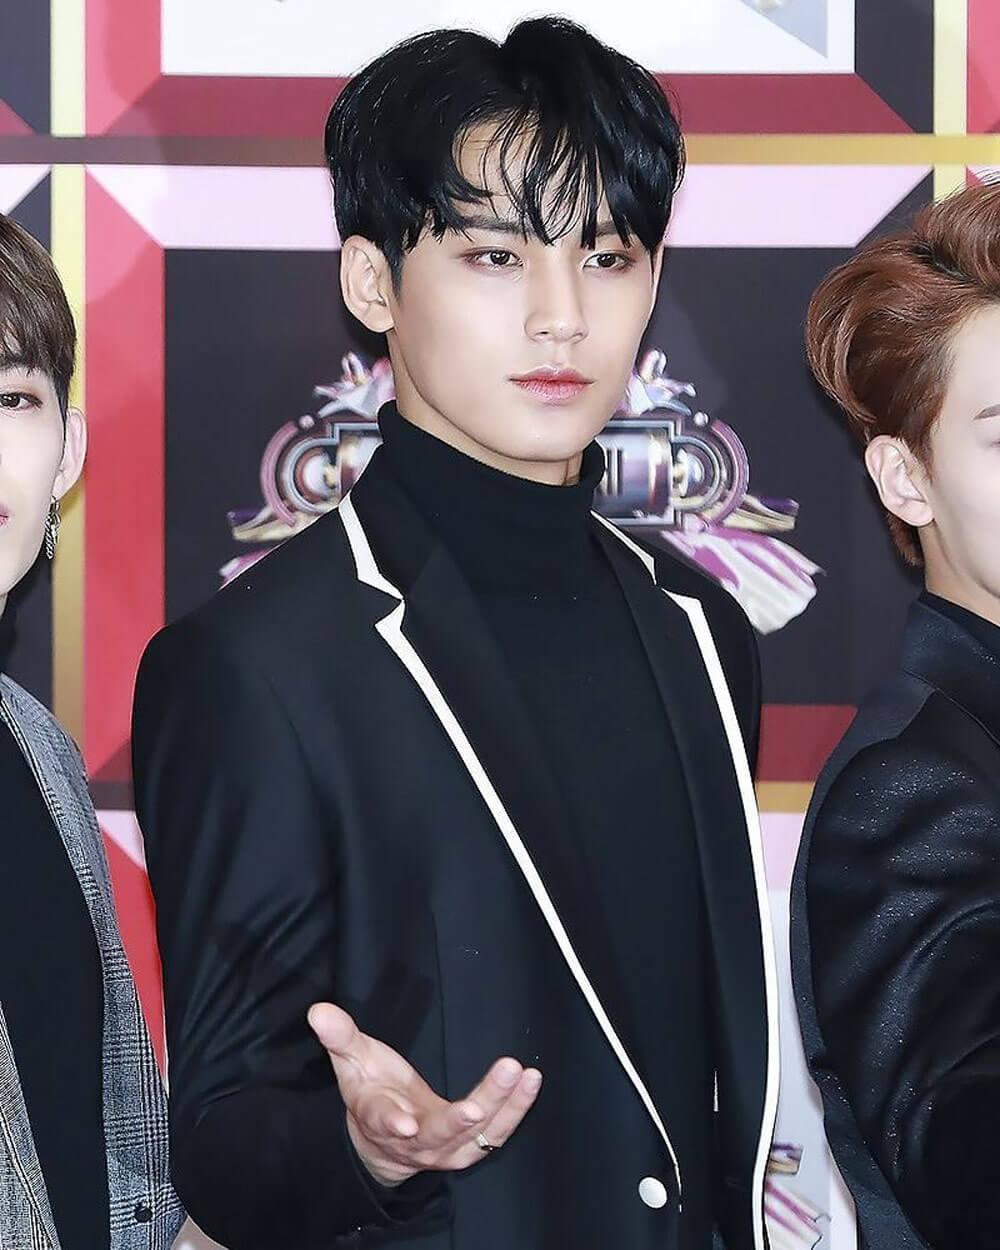 Korean Male Kpop beauty standards